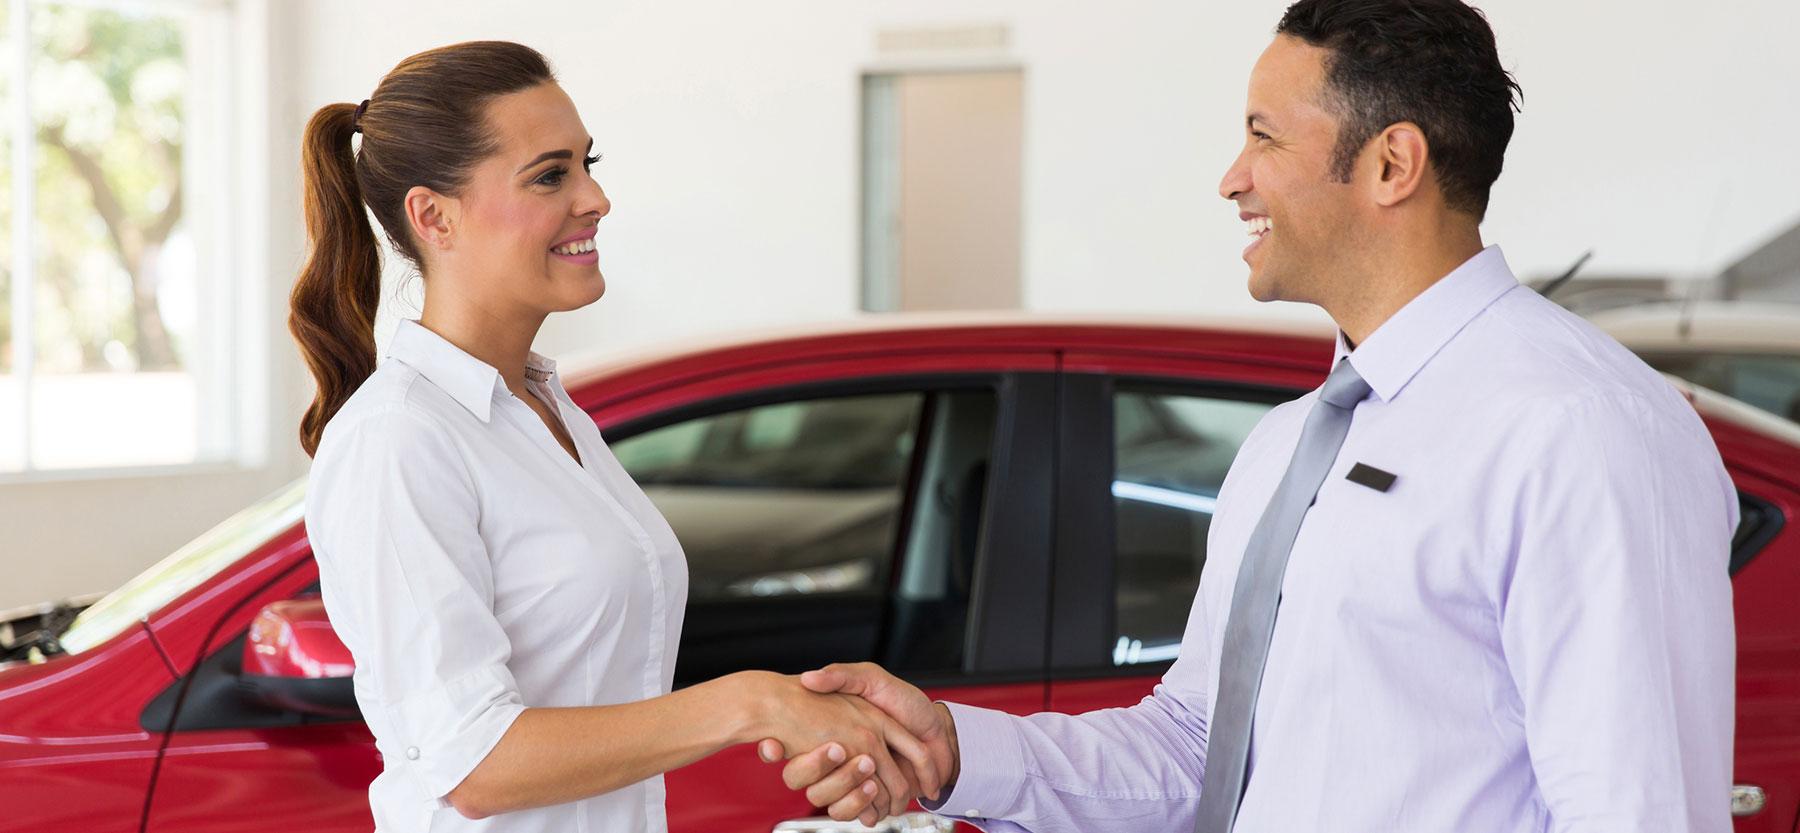 Compre MazdaNuevos Seminuevos Usados Carros Deportivos SUVs Descuento Español Louisville Kentucky Usado Certificado